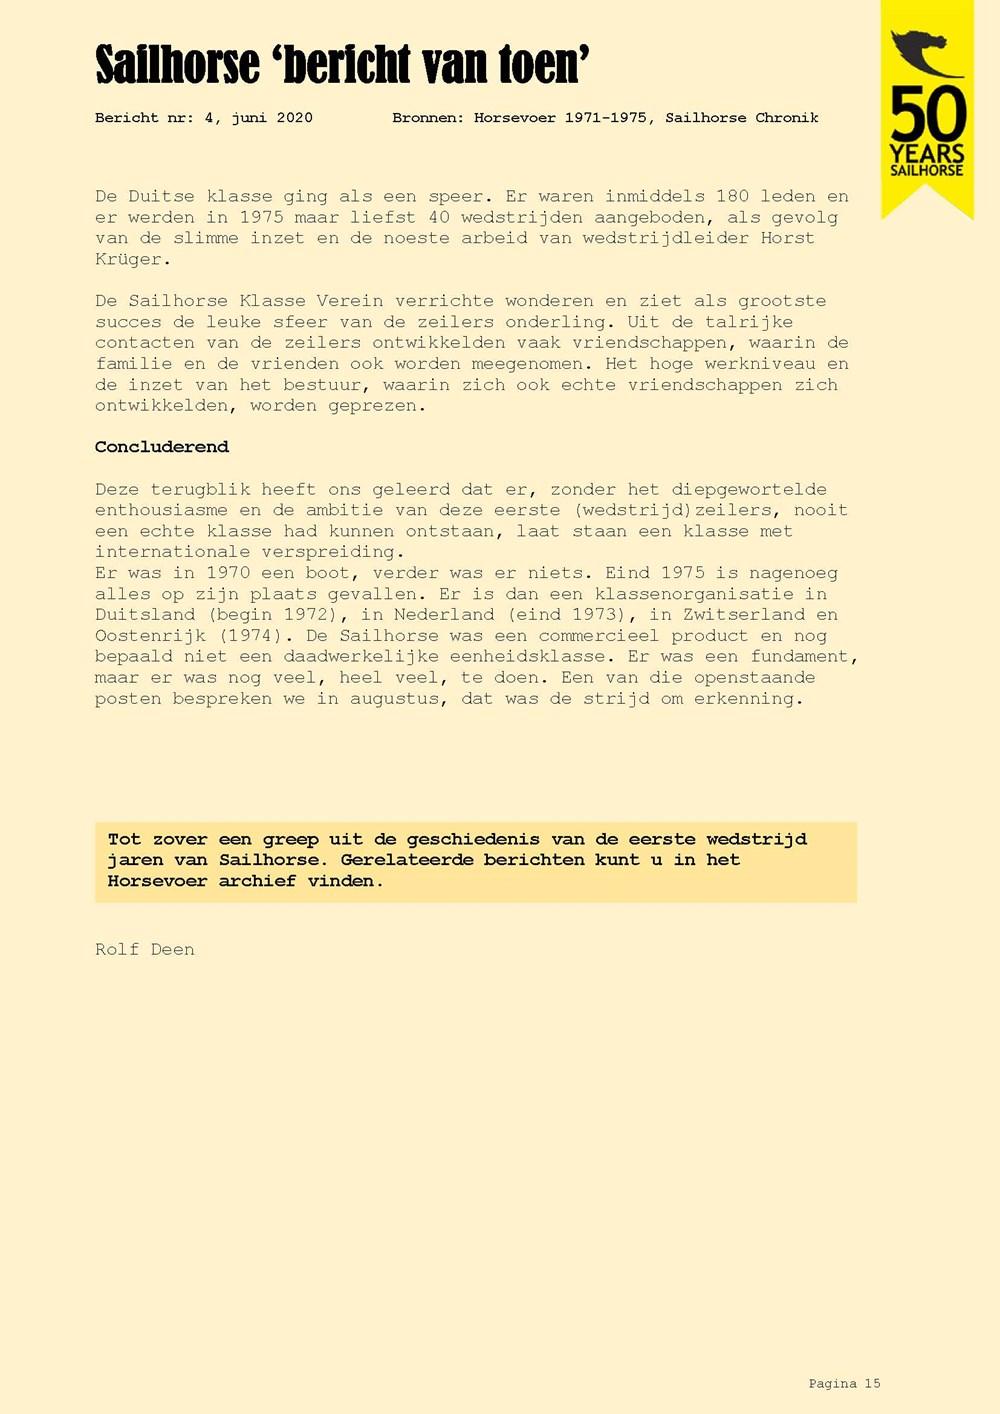 Bericht_van_toen_4_juni_Page_15.jpg